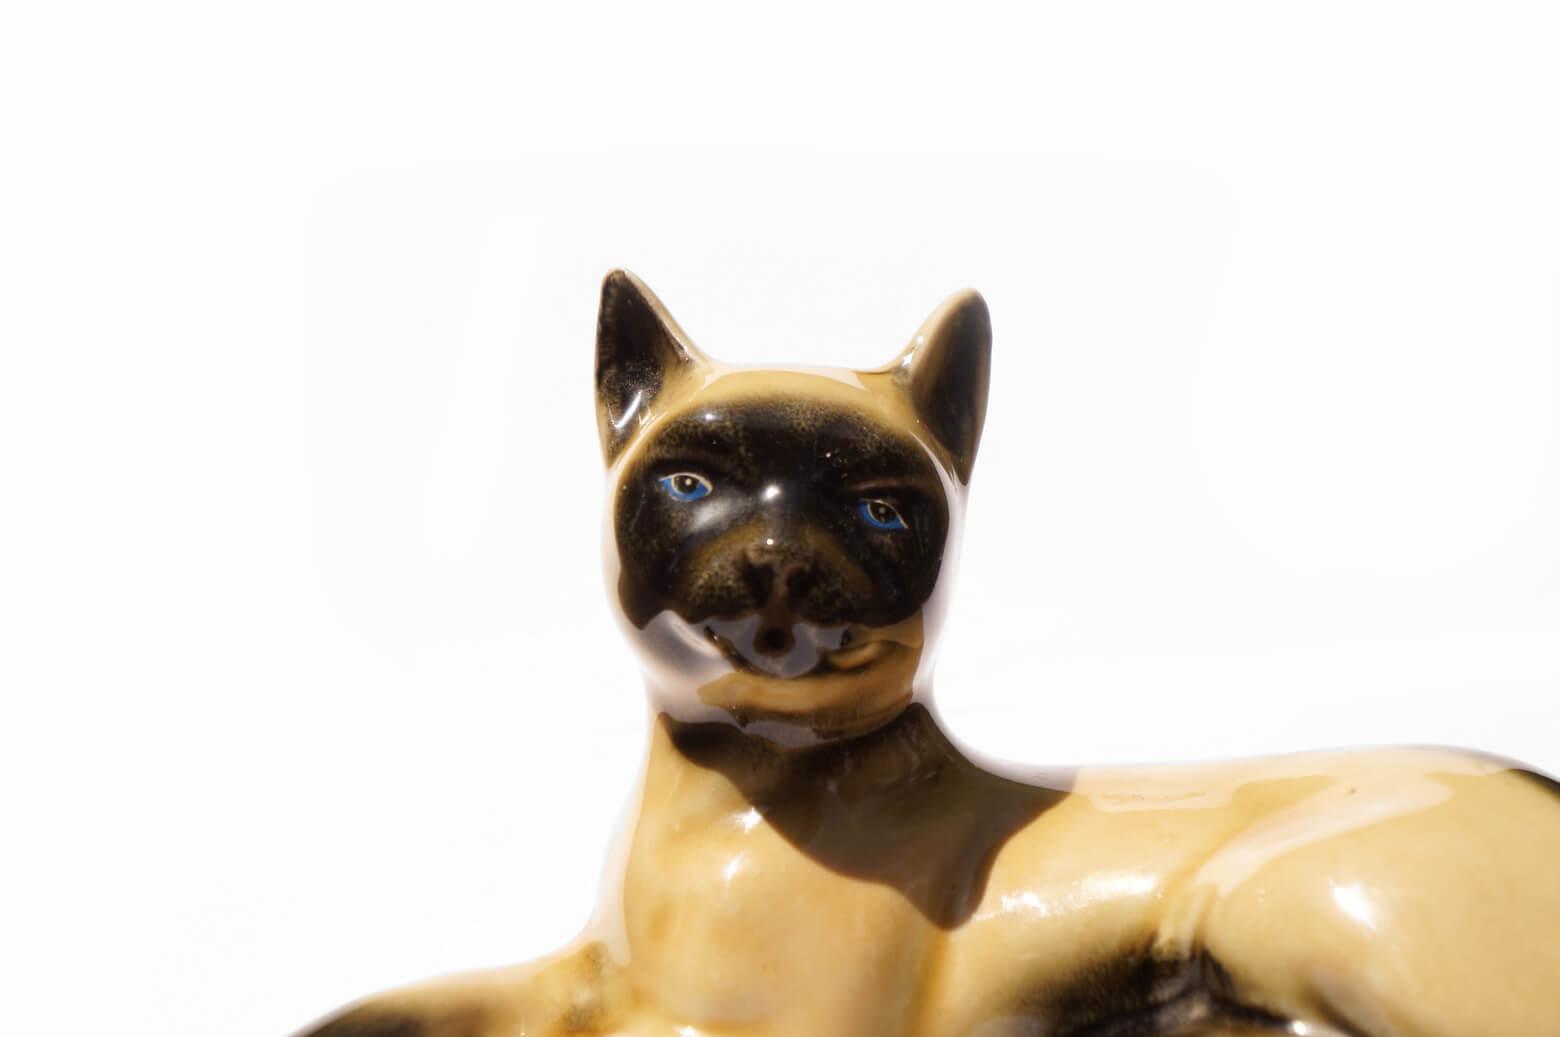 Brazilian Vintage Pottery Siamese Cat MCS/ブラジル ヴィンテージ シャムネコ 猫 置物 陶器